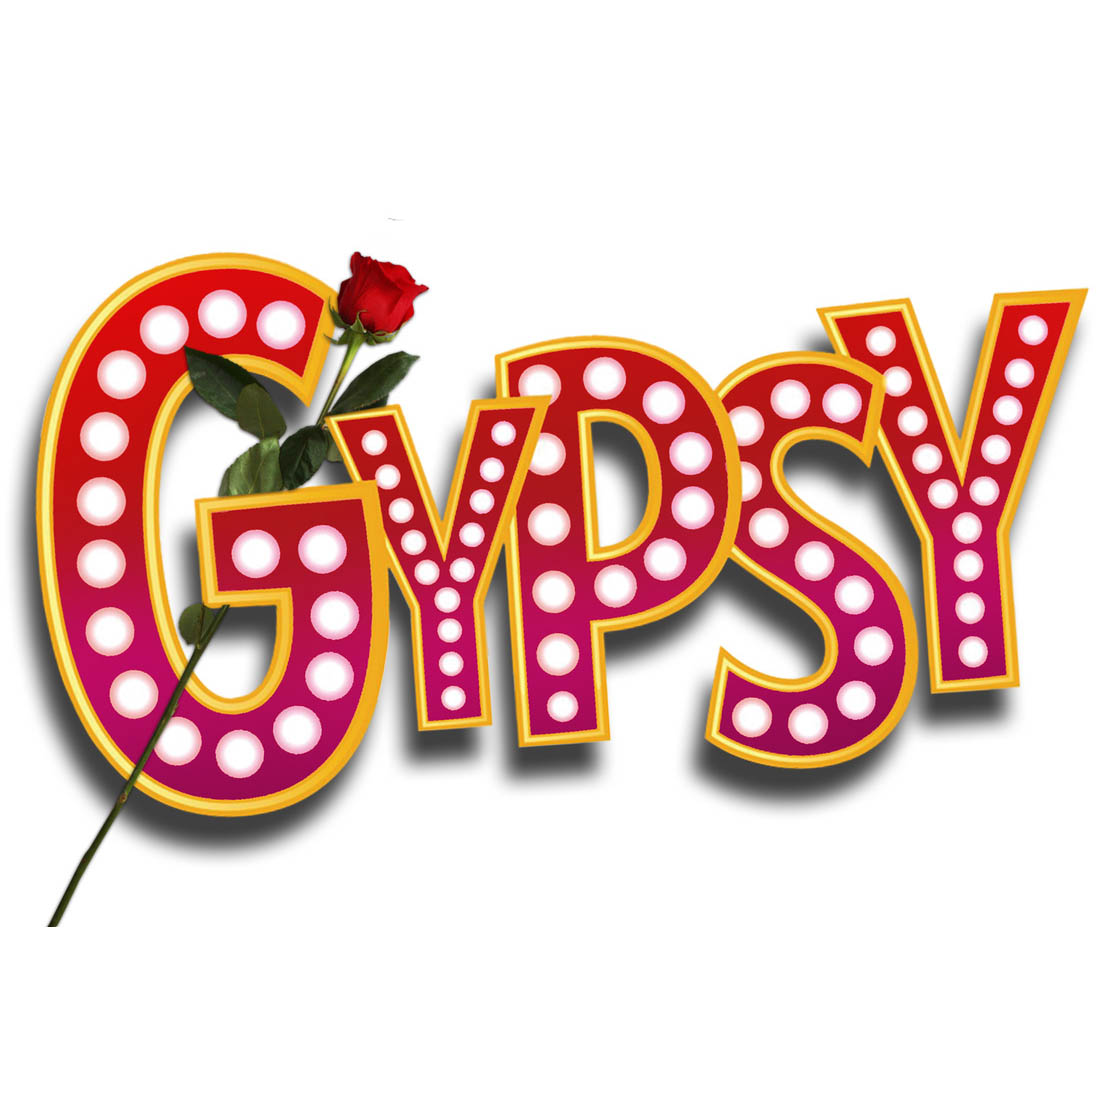 2019_gypsy_logo